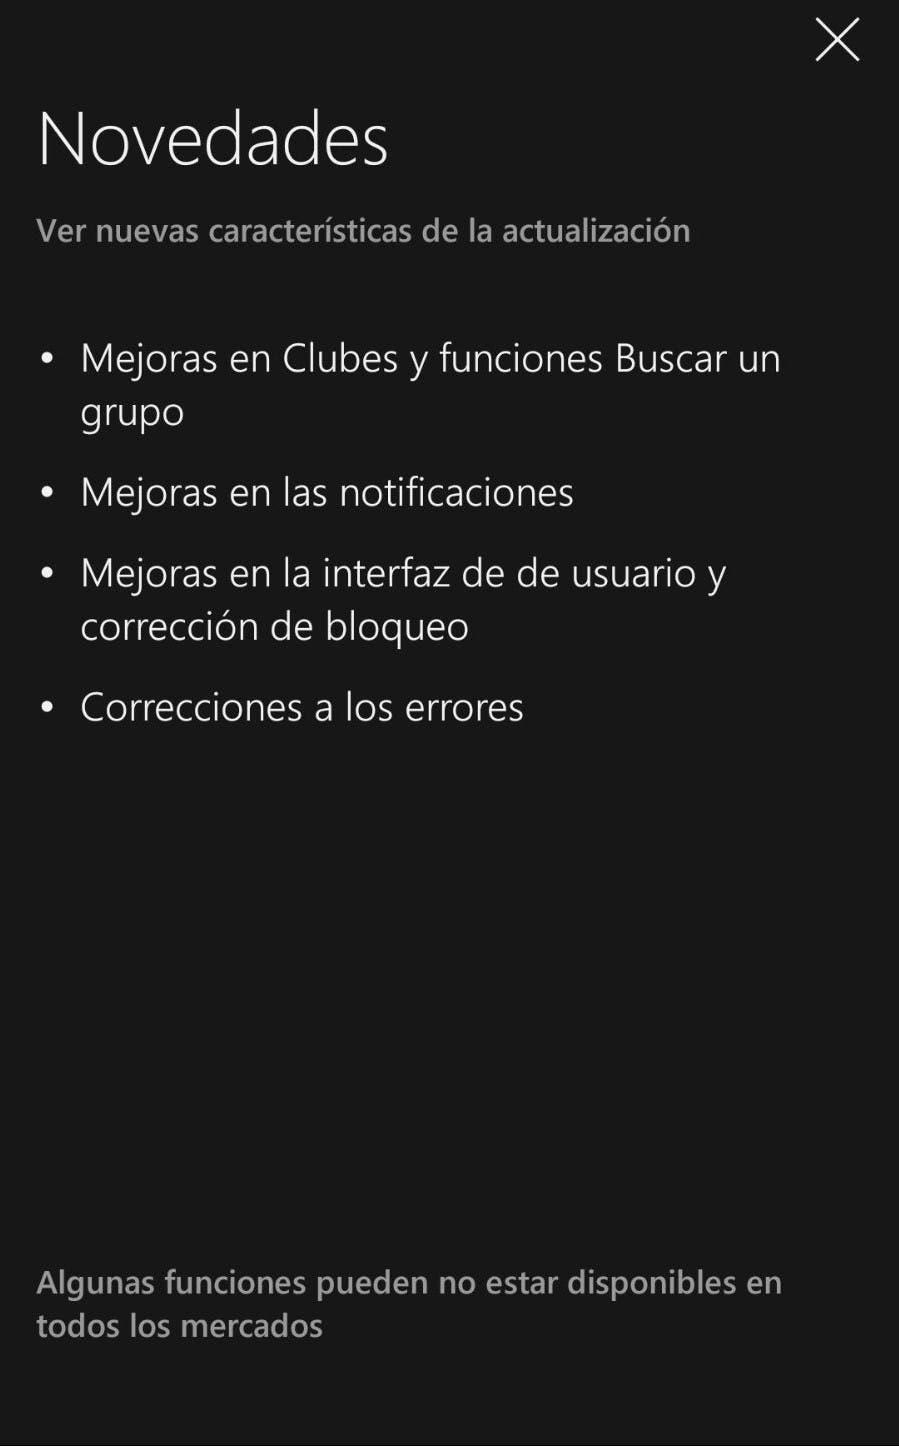 La app de Xbox mejora las funciones de club con su última actualización 2